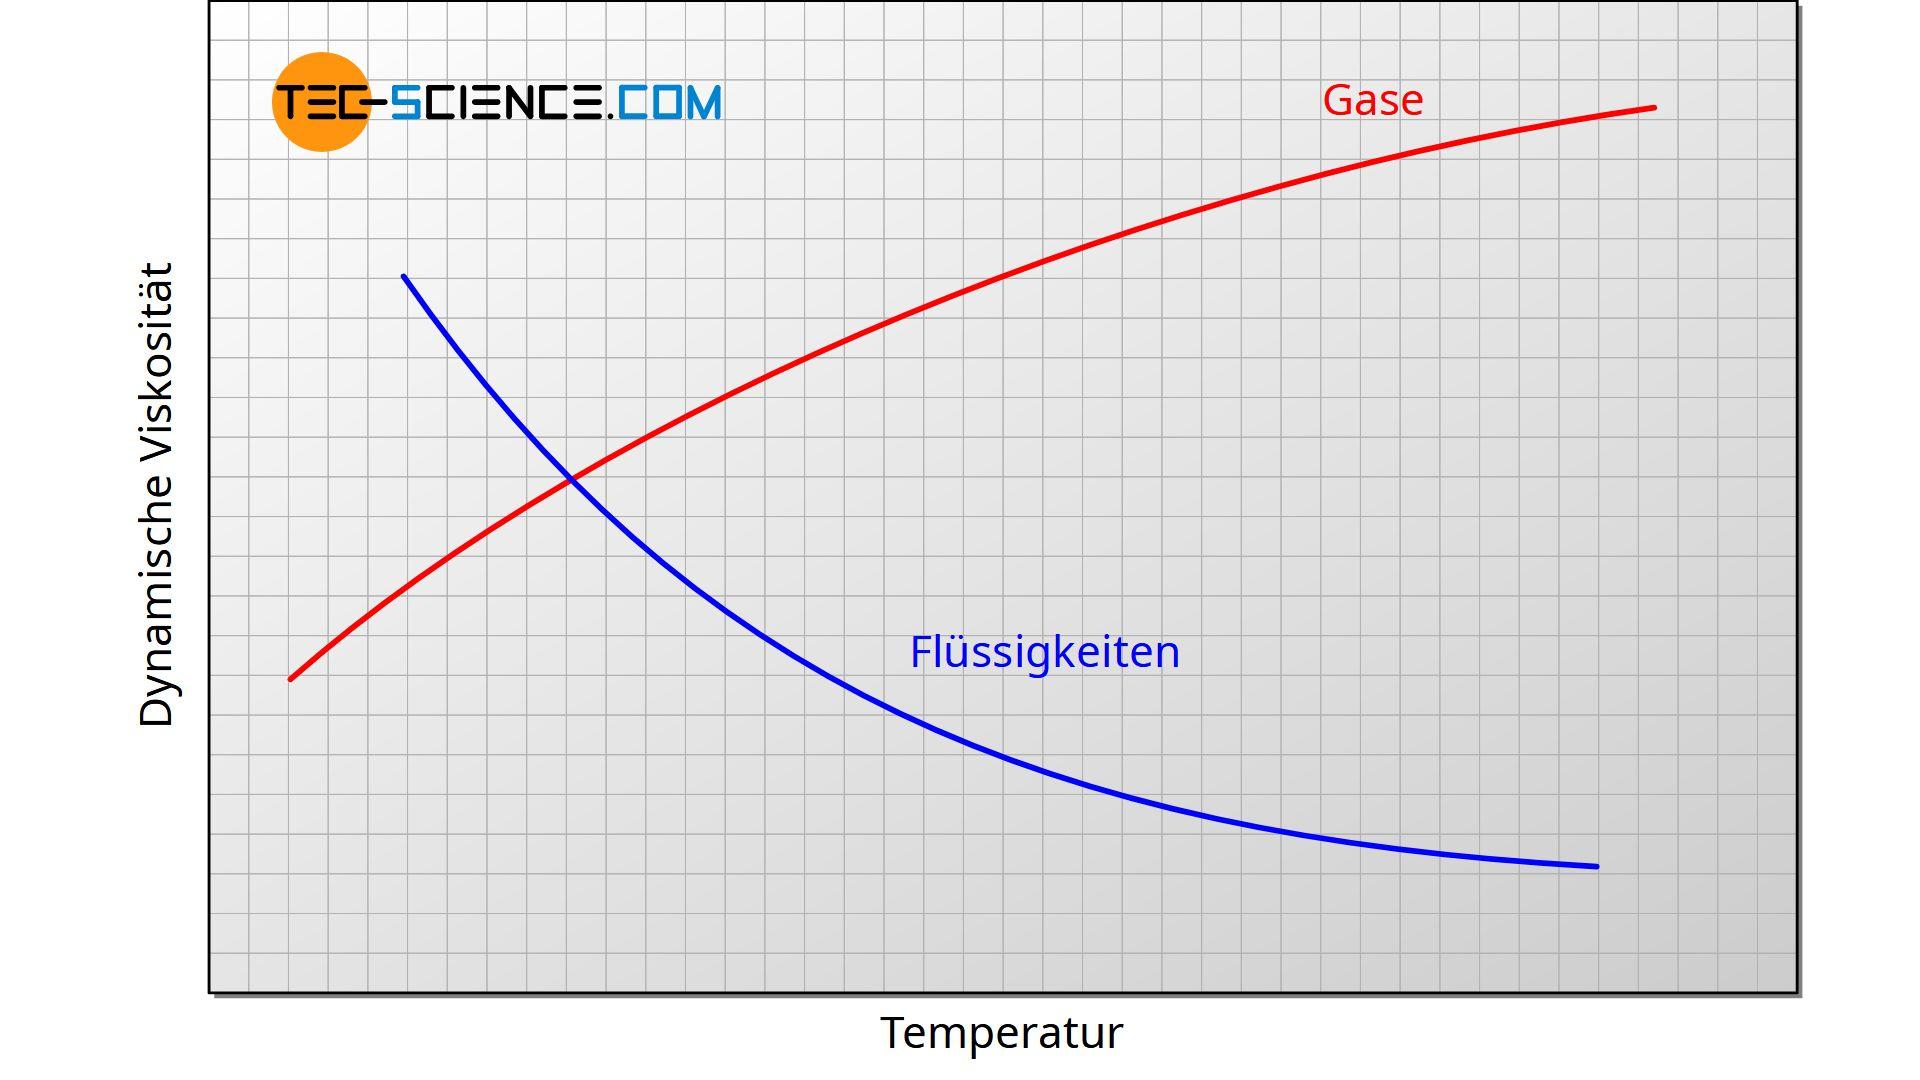 Dynamische Viskosität von Gasen und Flüssigkeiten in Abhängigkeit der Temperatur